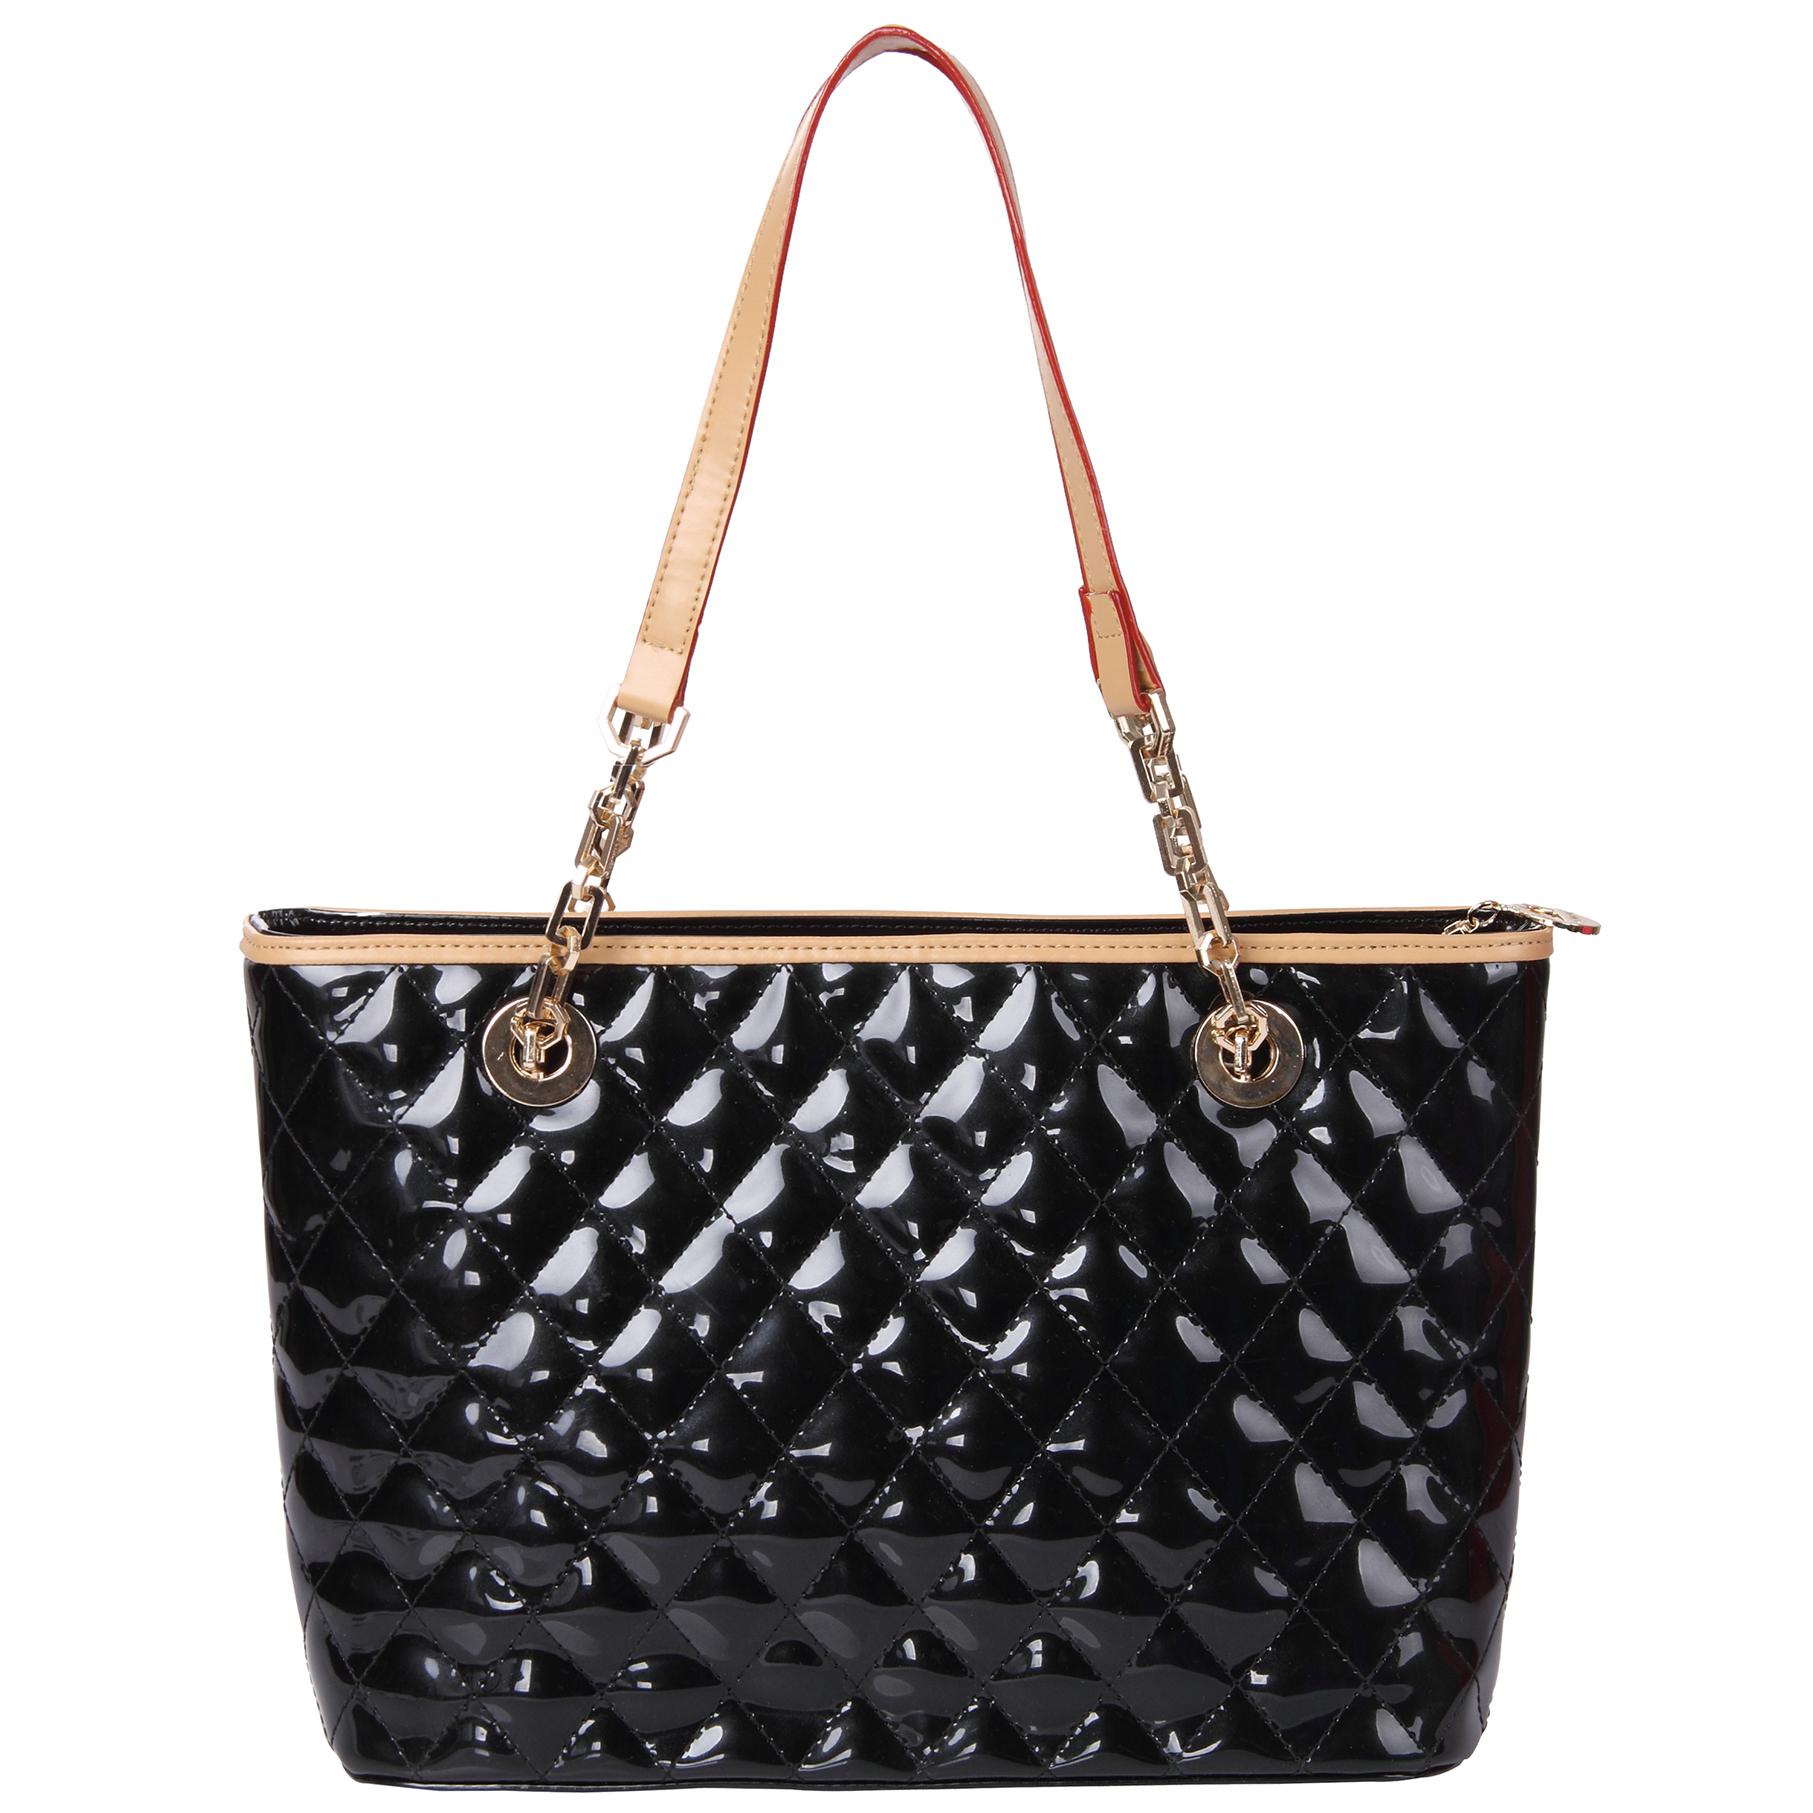 leryn black quilted patent leather designer shoulder bag tote front image